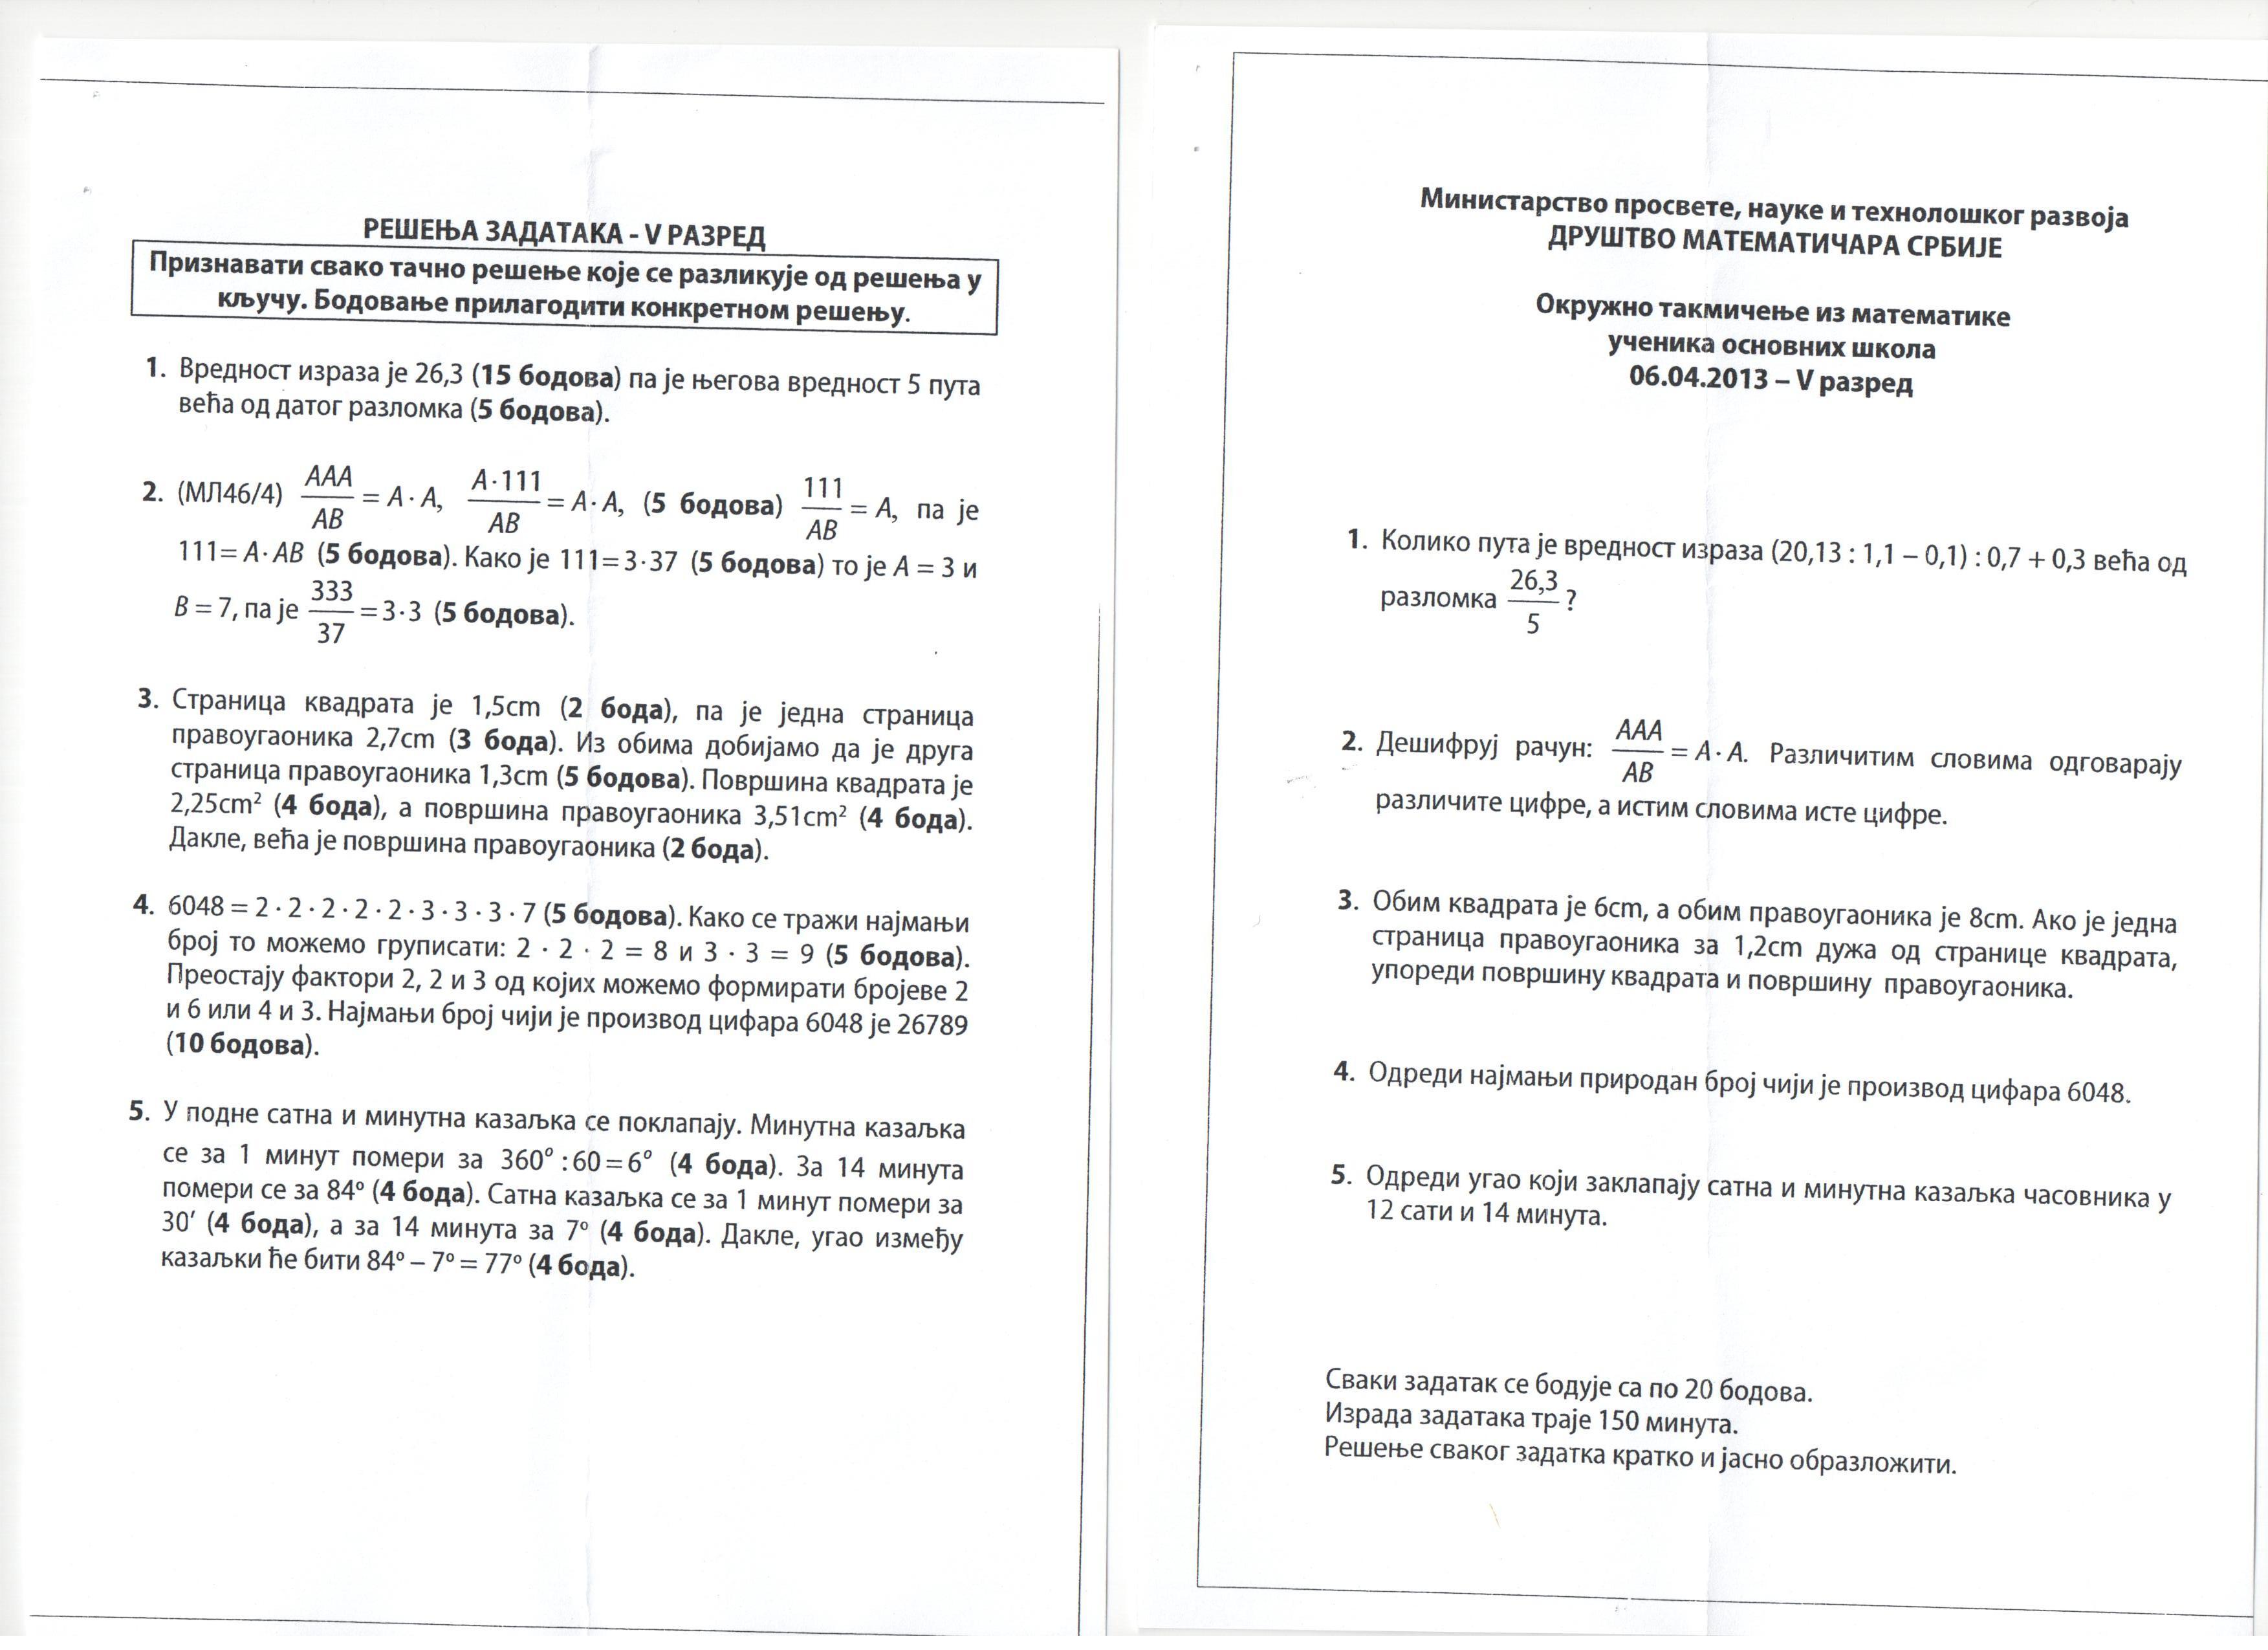 Okružno takmičenje iz matematike održano u subotu, 6.4.2013. sa